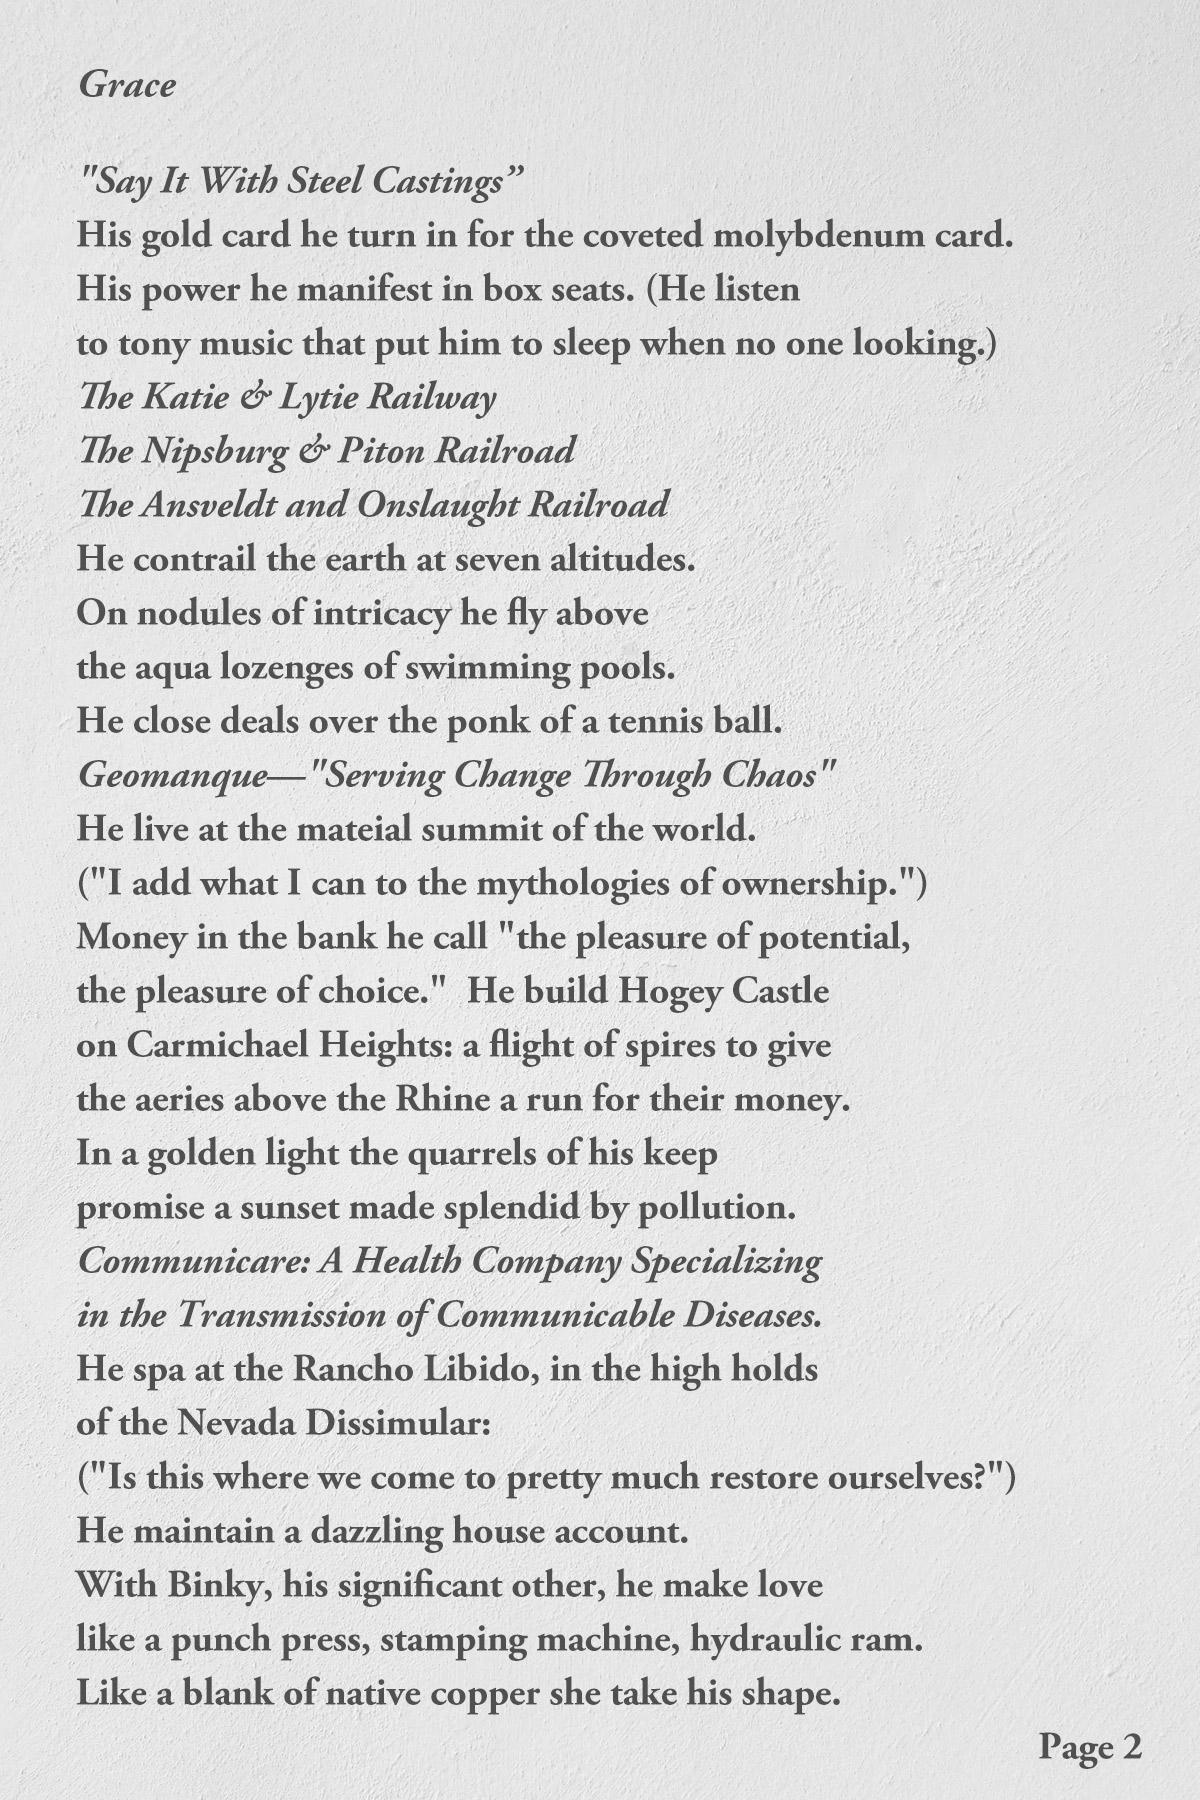 Grace by John Barr page 2